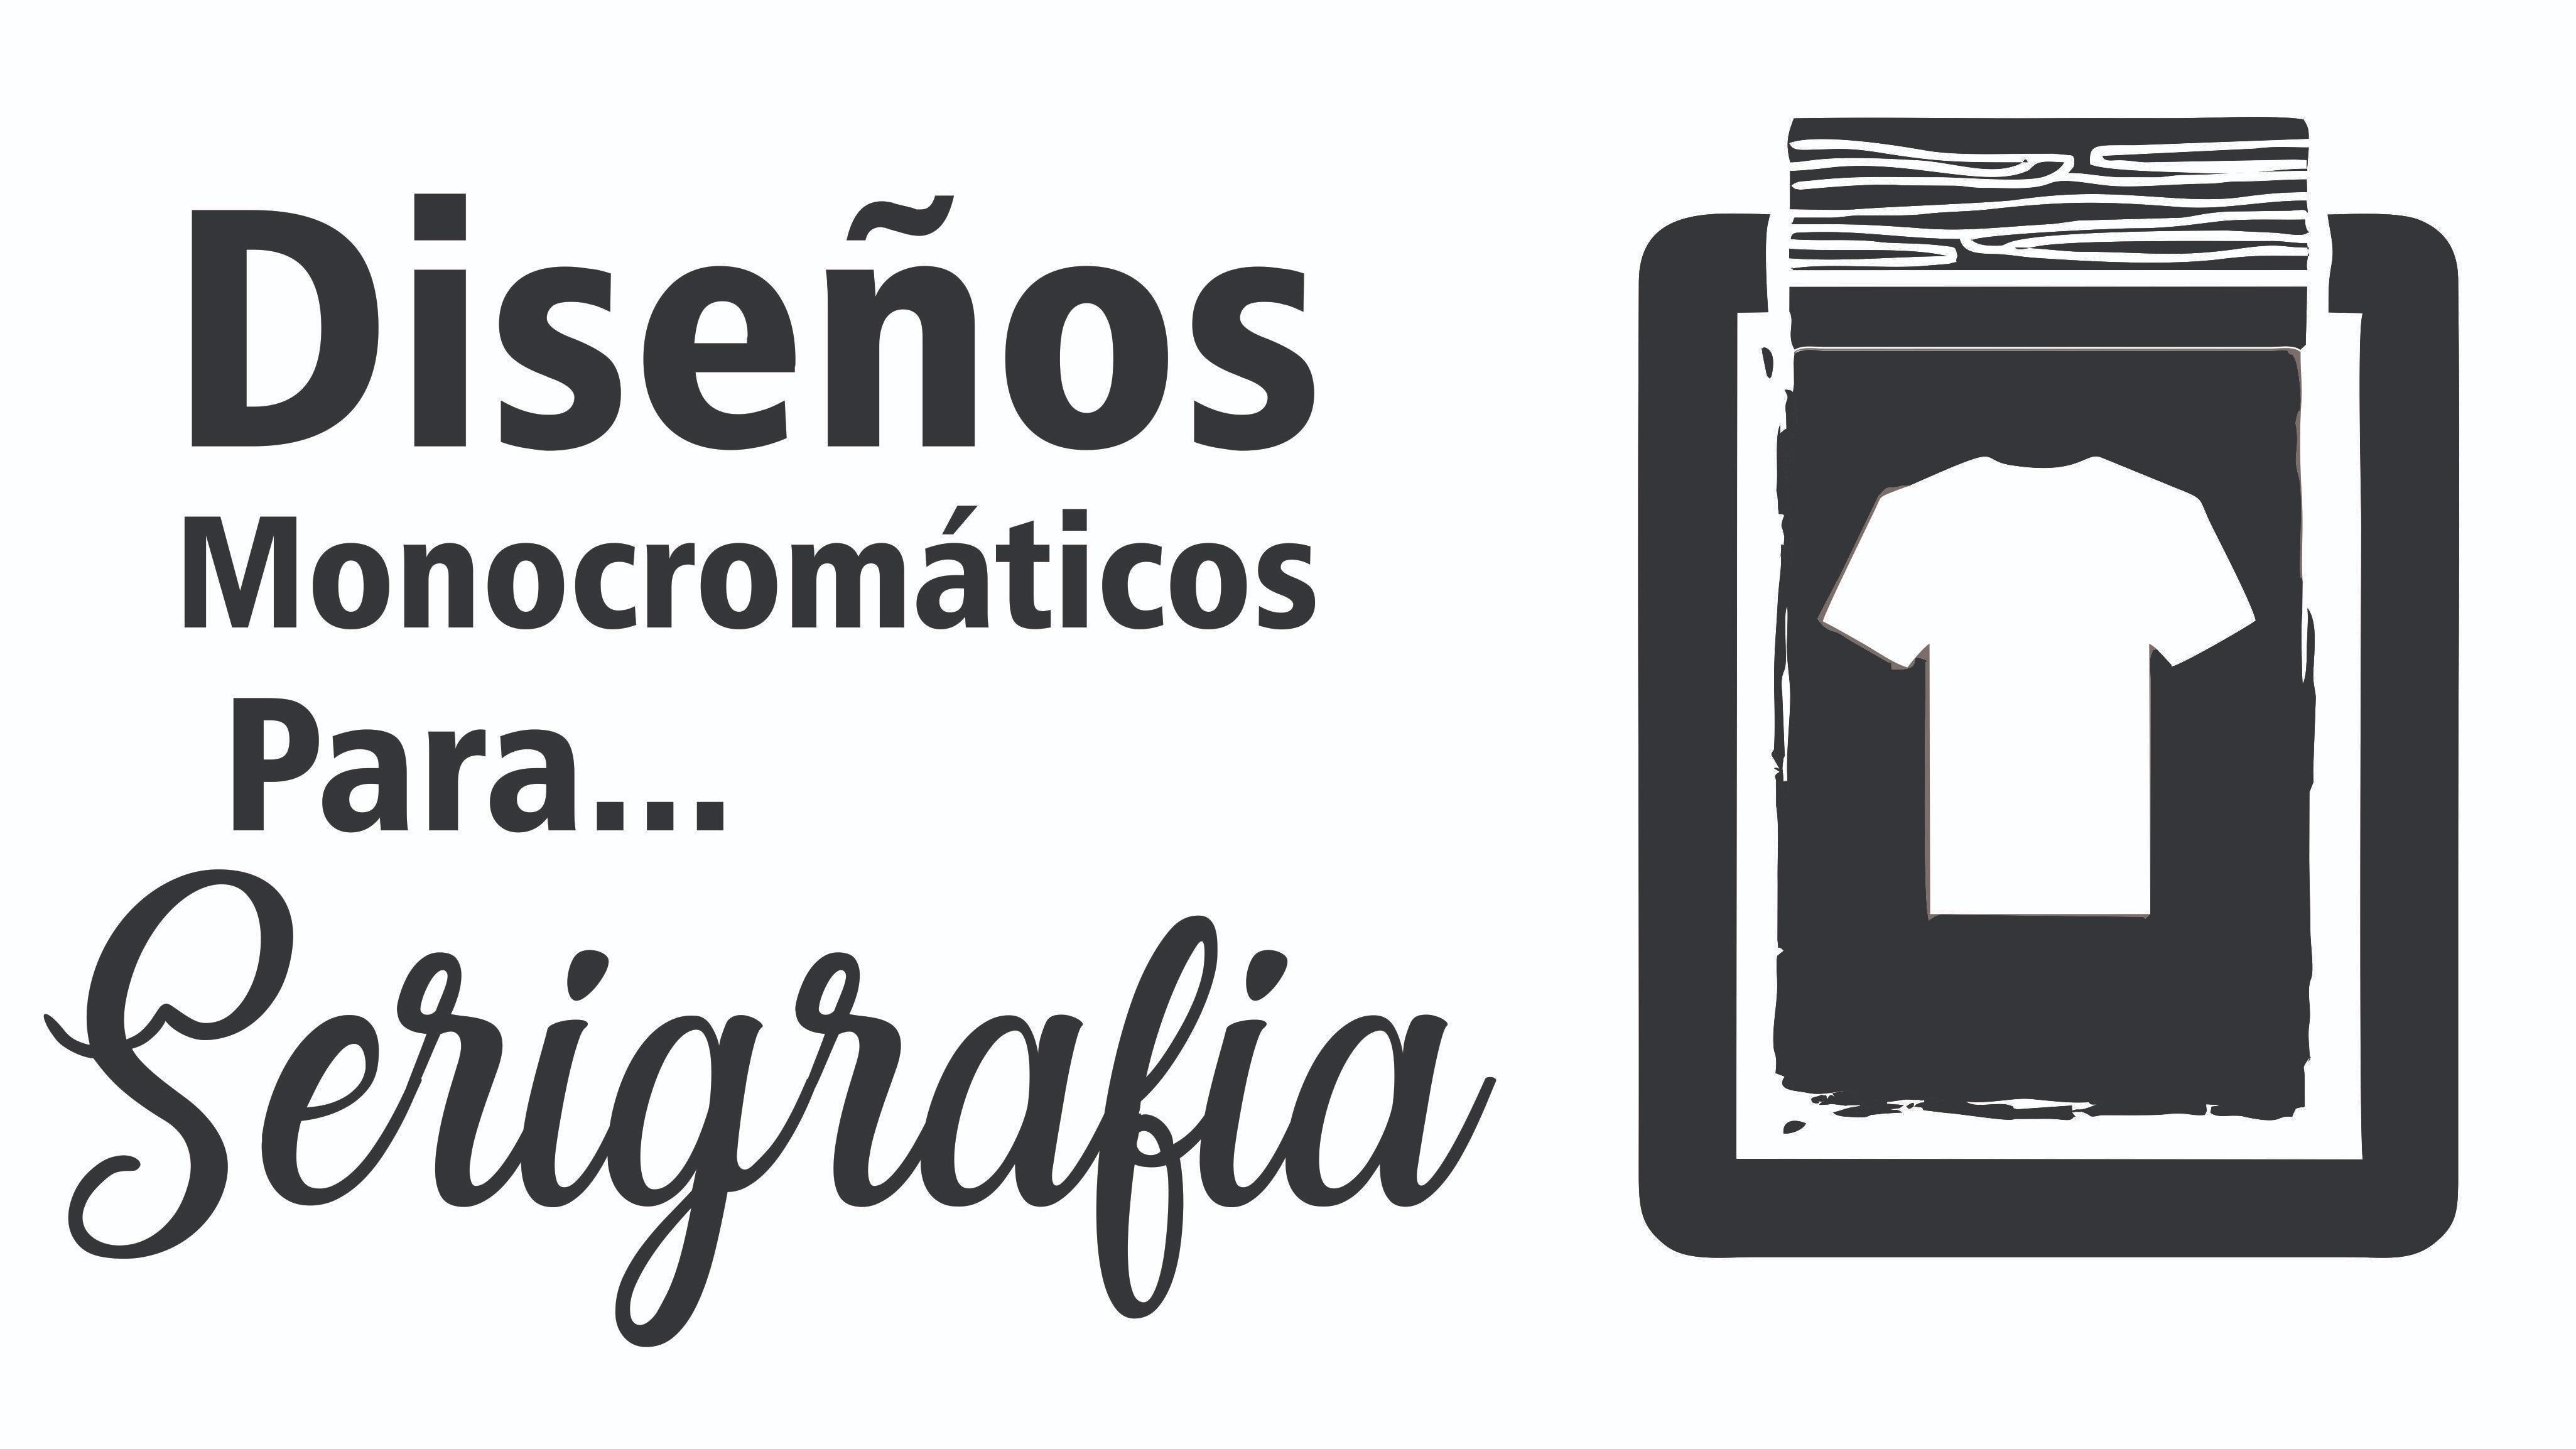 2 Diseños monocromáticos para serigrafía